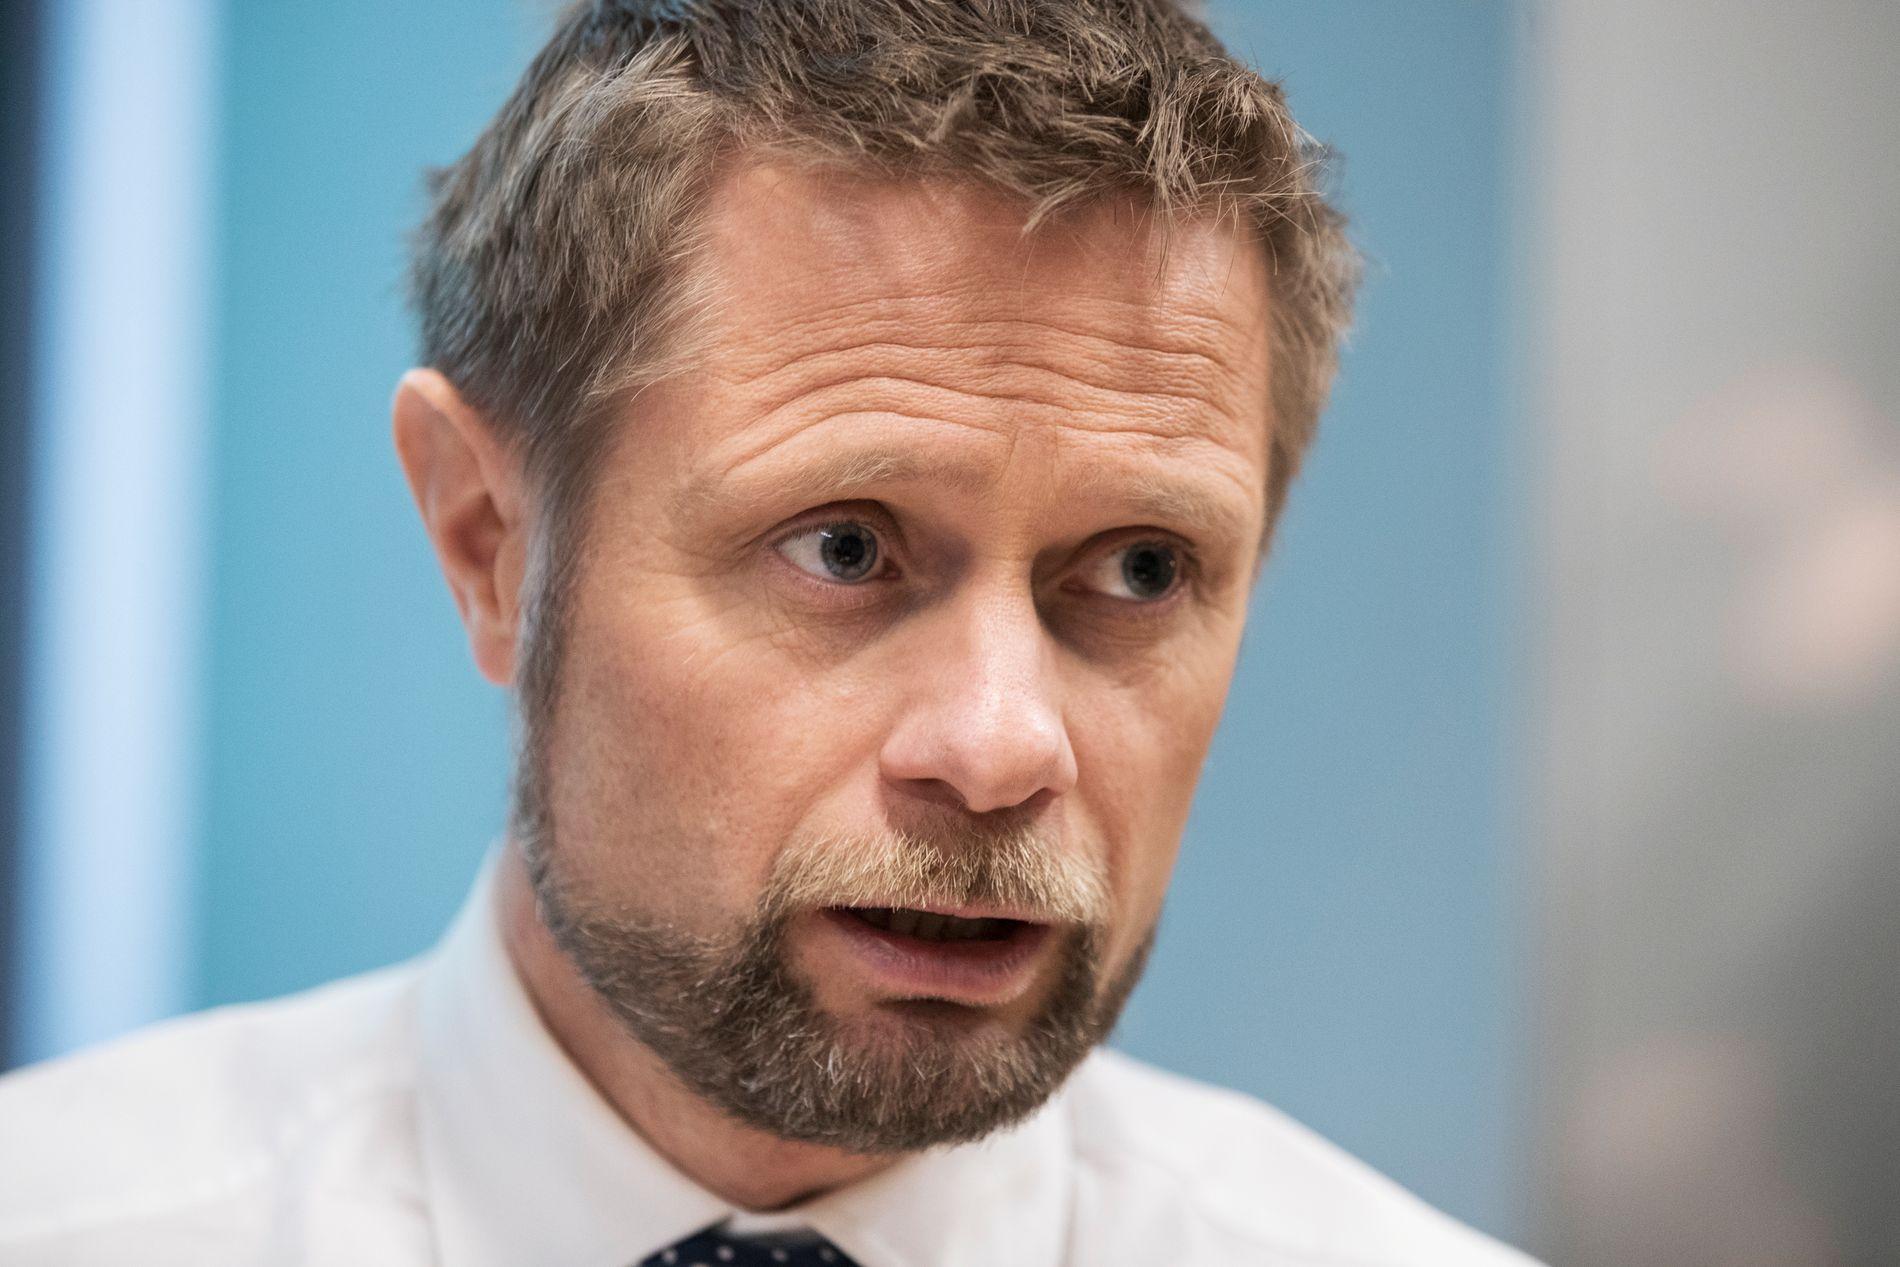 INTERNASJONALT PROBLEM: Helse- og omsorgsminister Bent Høie (H) mener den lange behandlingstiden skyldes at legemiddelselskapene ikke jobber raskt nok. – Jeg jobber med dette spørsmålet internasjonalt, i EU og i Verdens helseorganisasjon, dette er et problem alle sliter med, sier han.